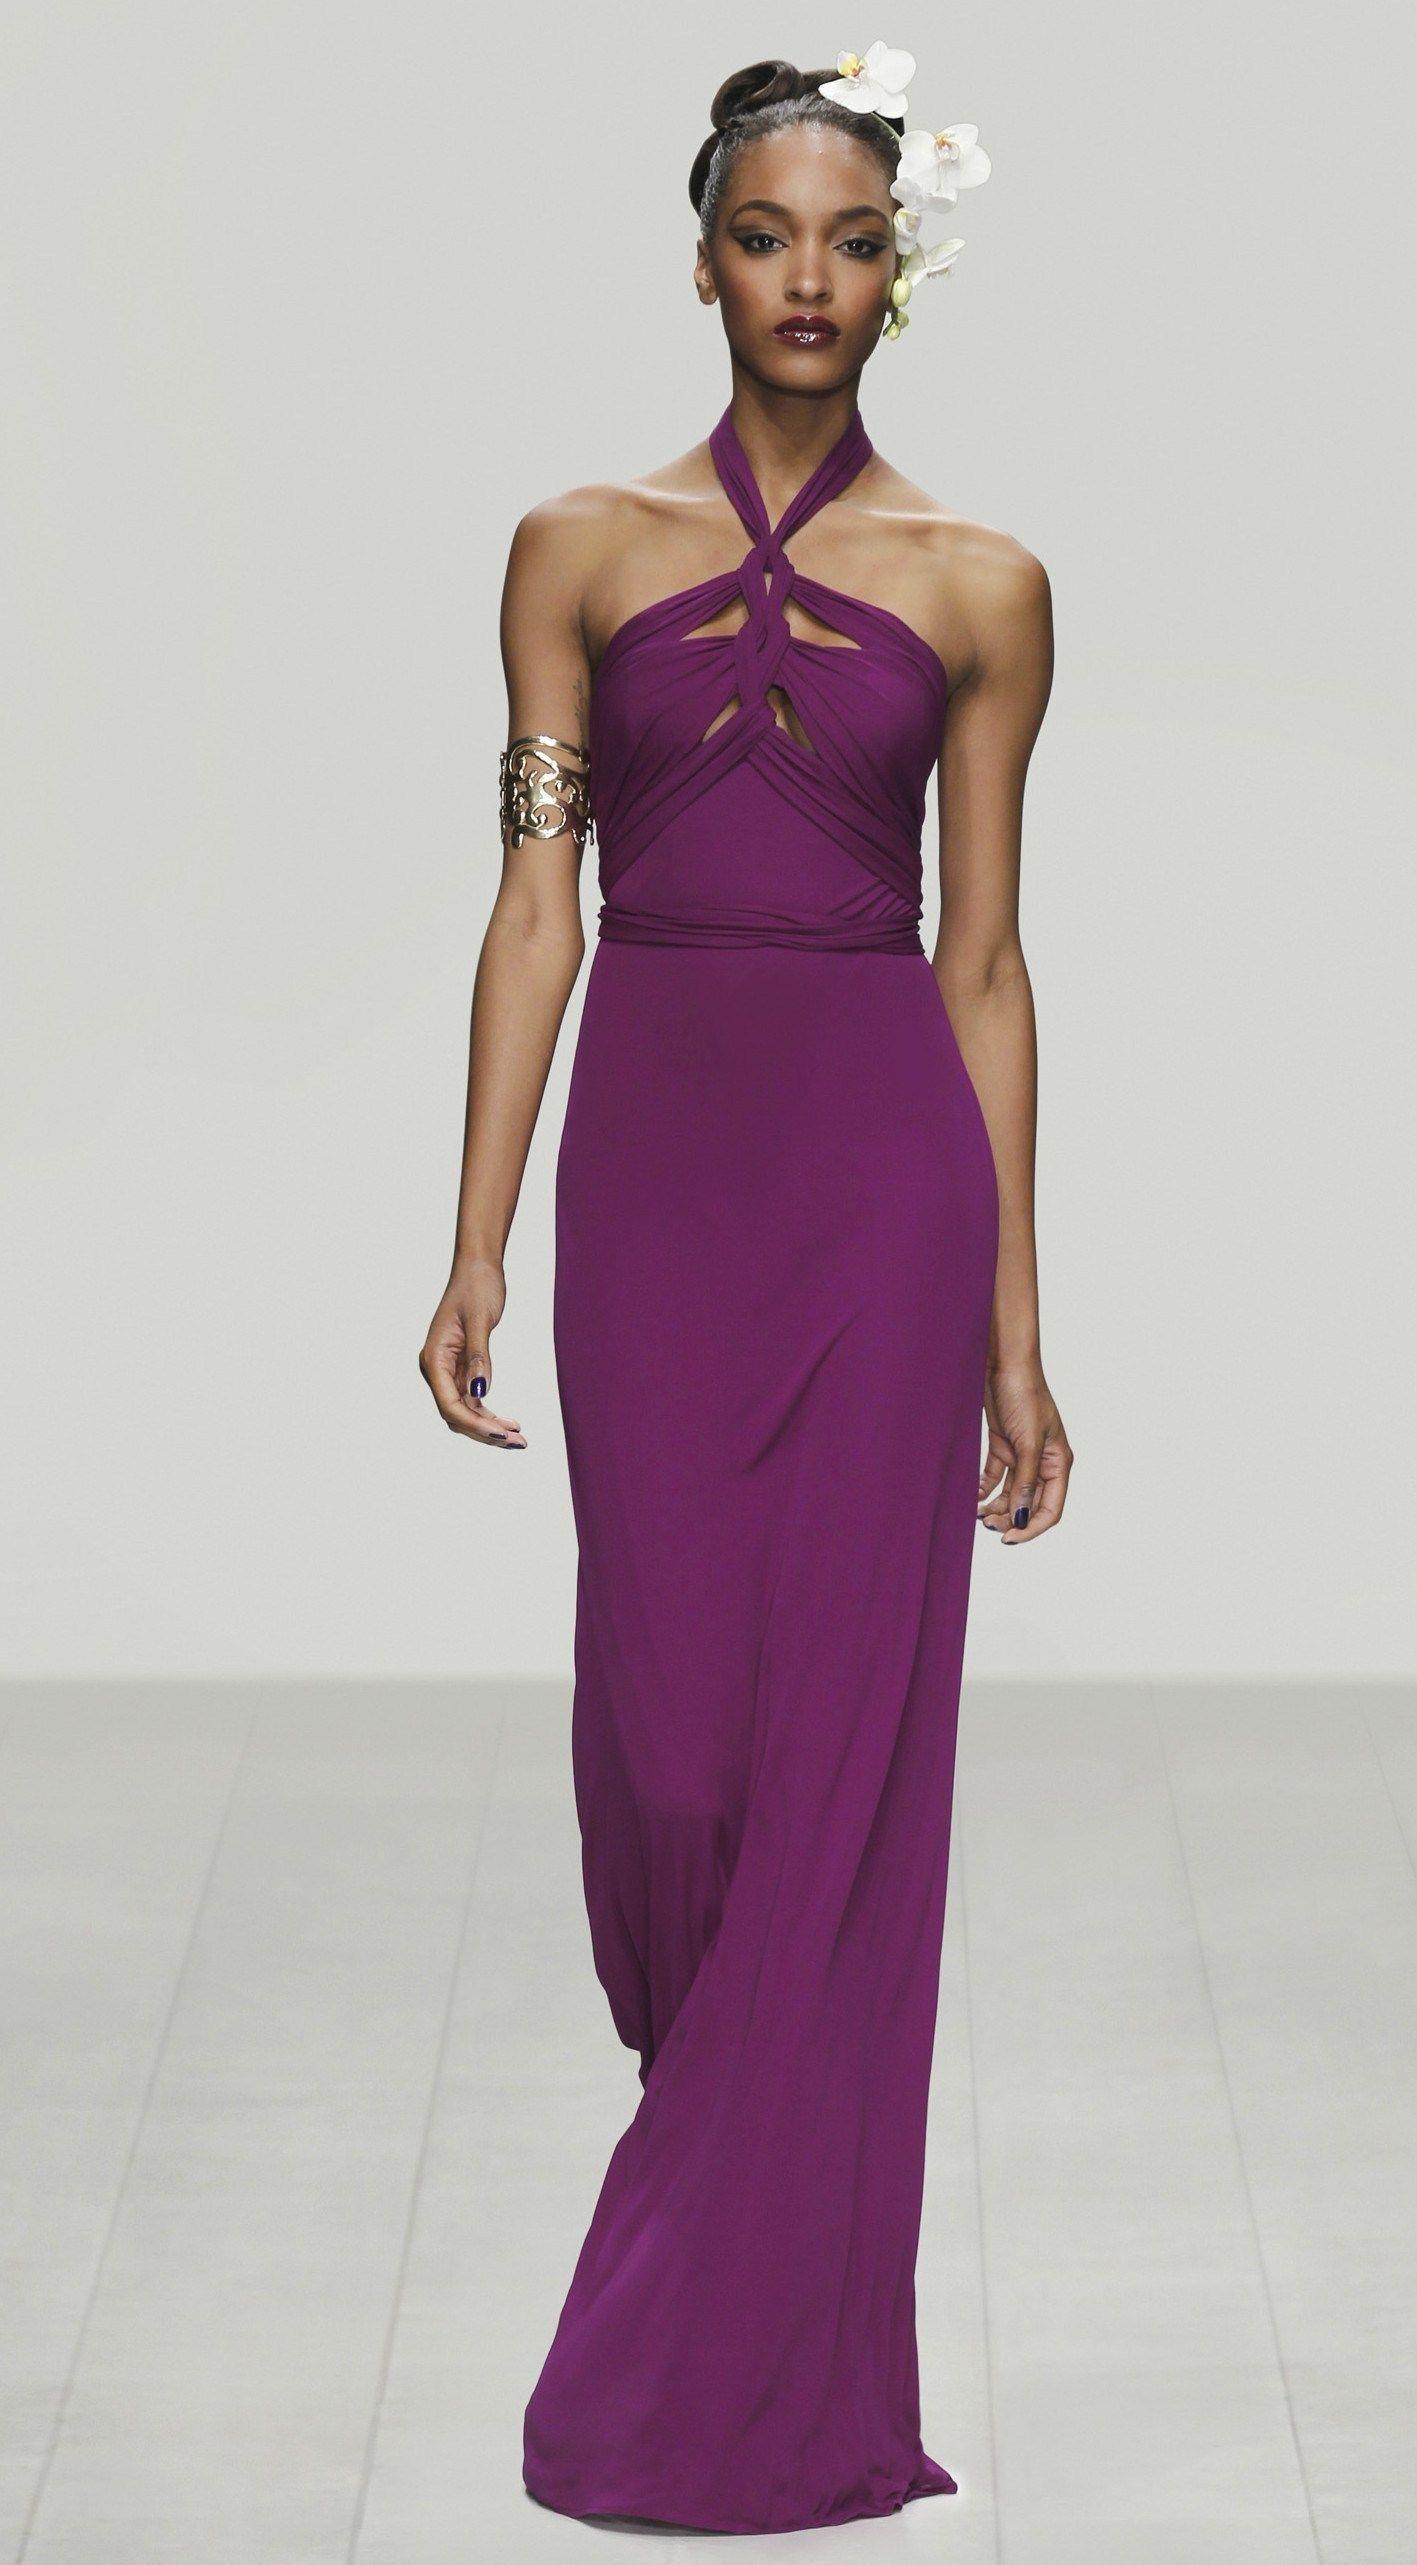 Abendkleid Violett Seidenjersey Issa London Abendkleid Kleider Party Kleider